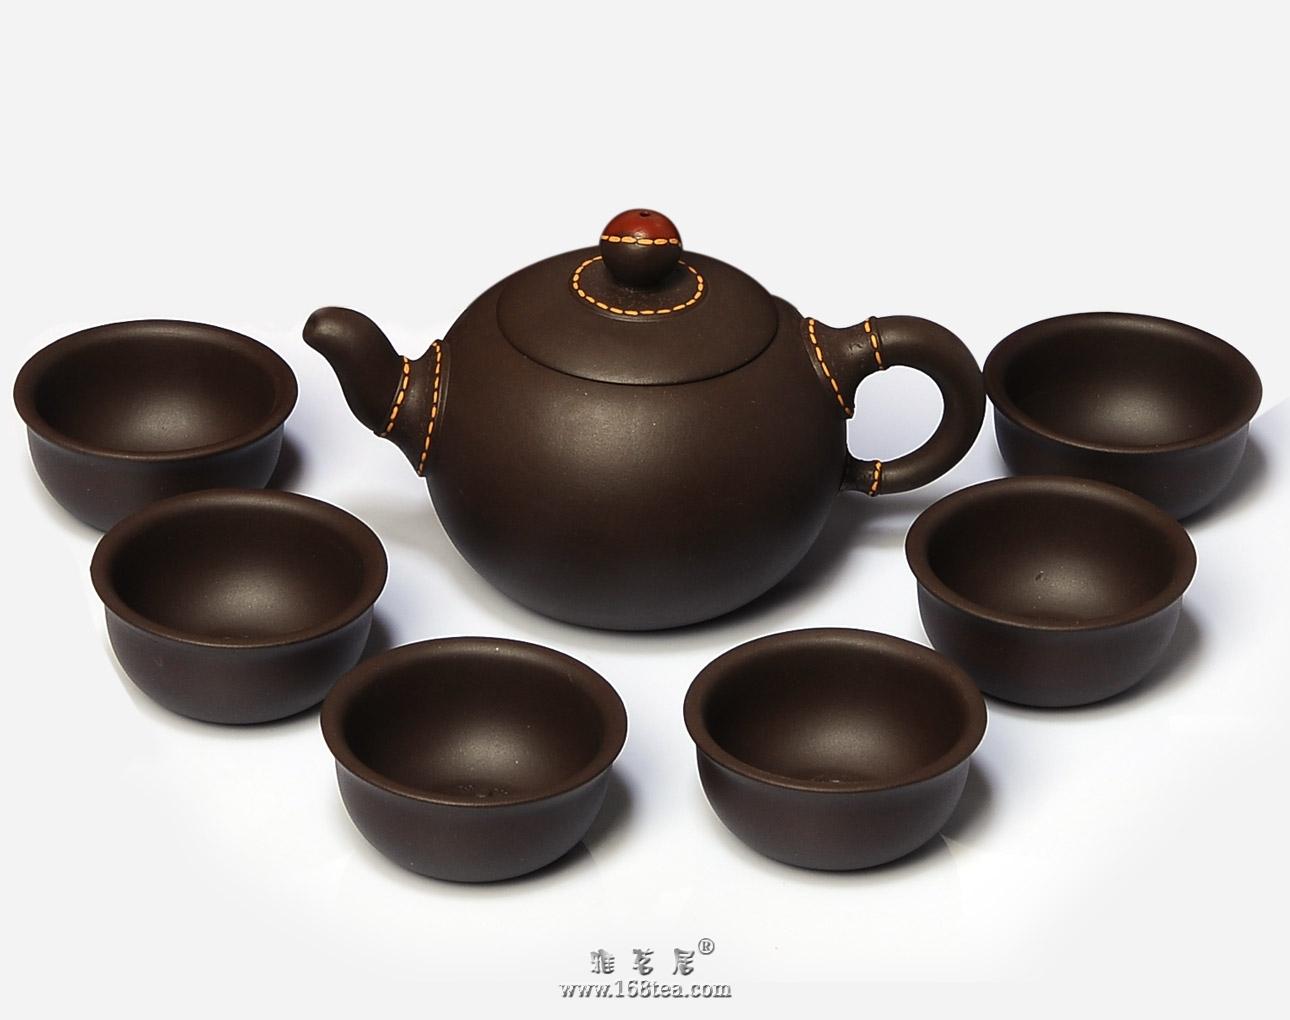 外国人的茶具